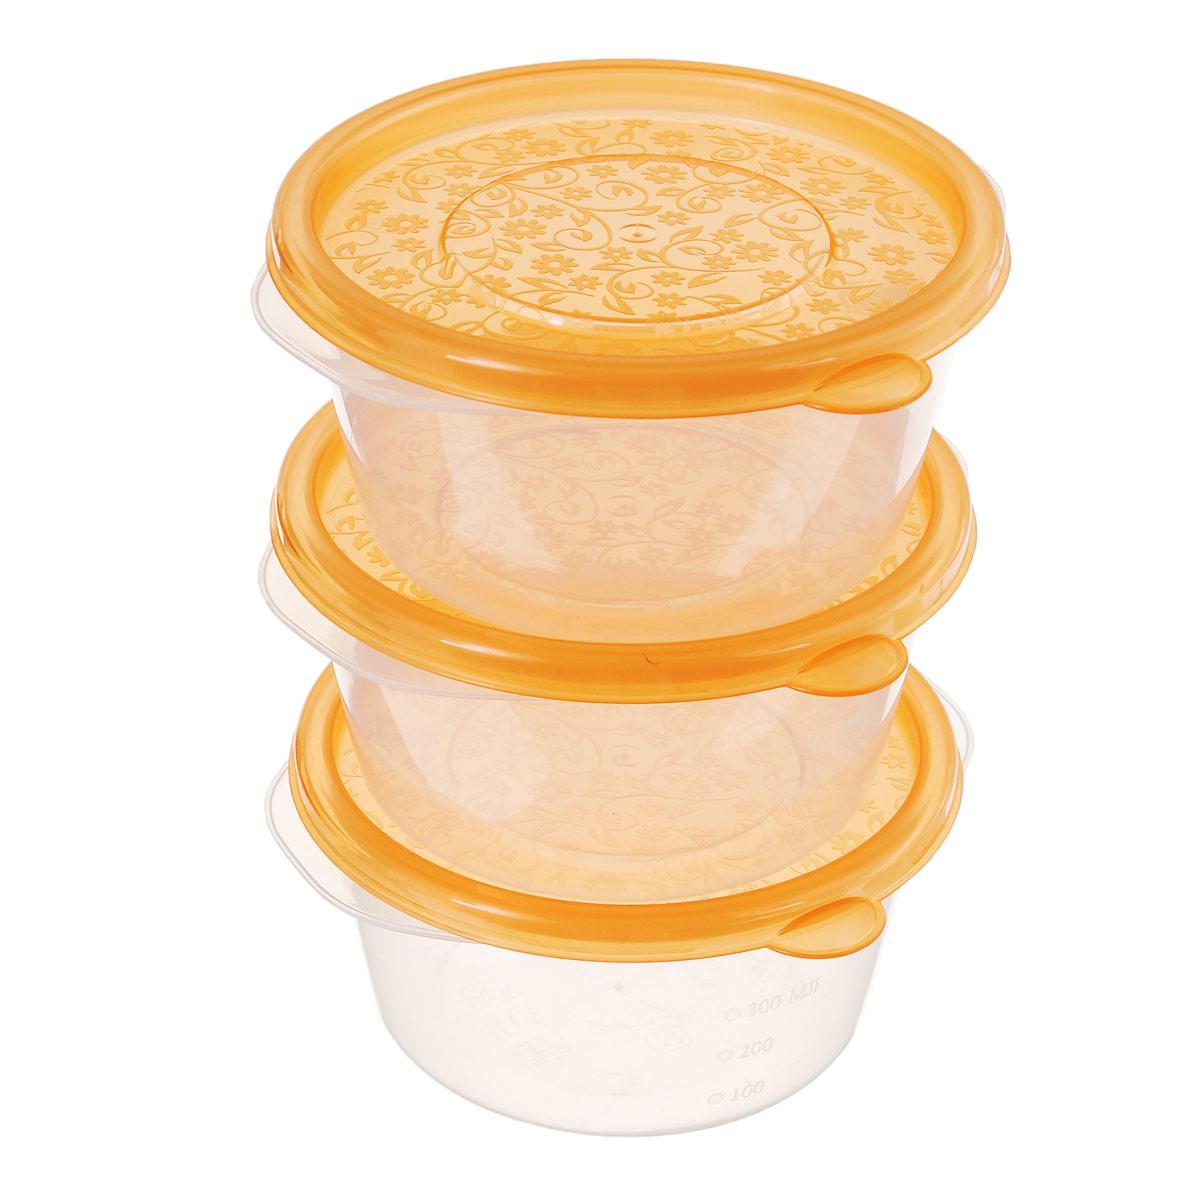 Набор контейнеров Phibo Арт-Декор, 0,44 л, 3 штС11540Контейнеры Phibo Арт-Декор изготовлены из высококачественного полипропилена и не содержат Бисфенол А. Крышка легко и плотно закрывается, украшена узором в виде цветков. Контейнер устойчив к воздействию масел и жиров, легко моется. Подходит для использования в микроволновых печах при температуре до +100°С, выдерживает хранение в морозильной камере при температуре -24°С, его можно мыть в посудомоечной машине при температуре до +95°С. Комплектация: 3 шт. Объем контейнера: 0,44 л.